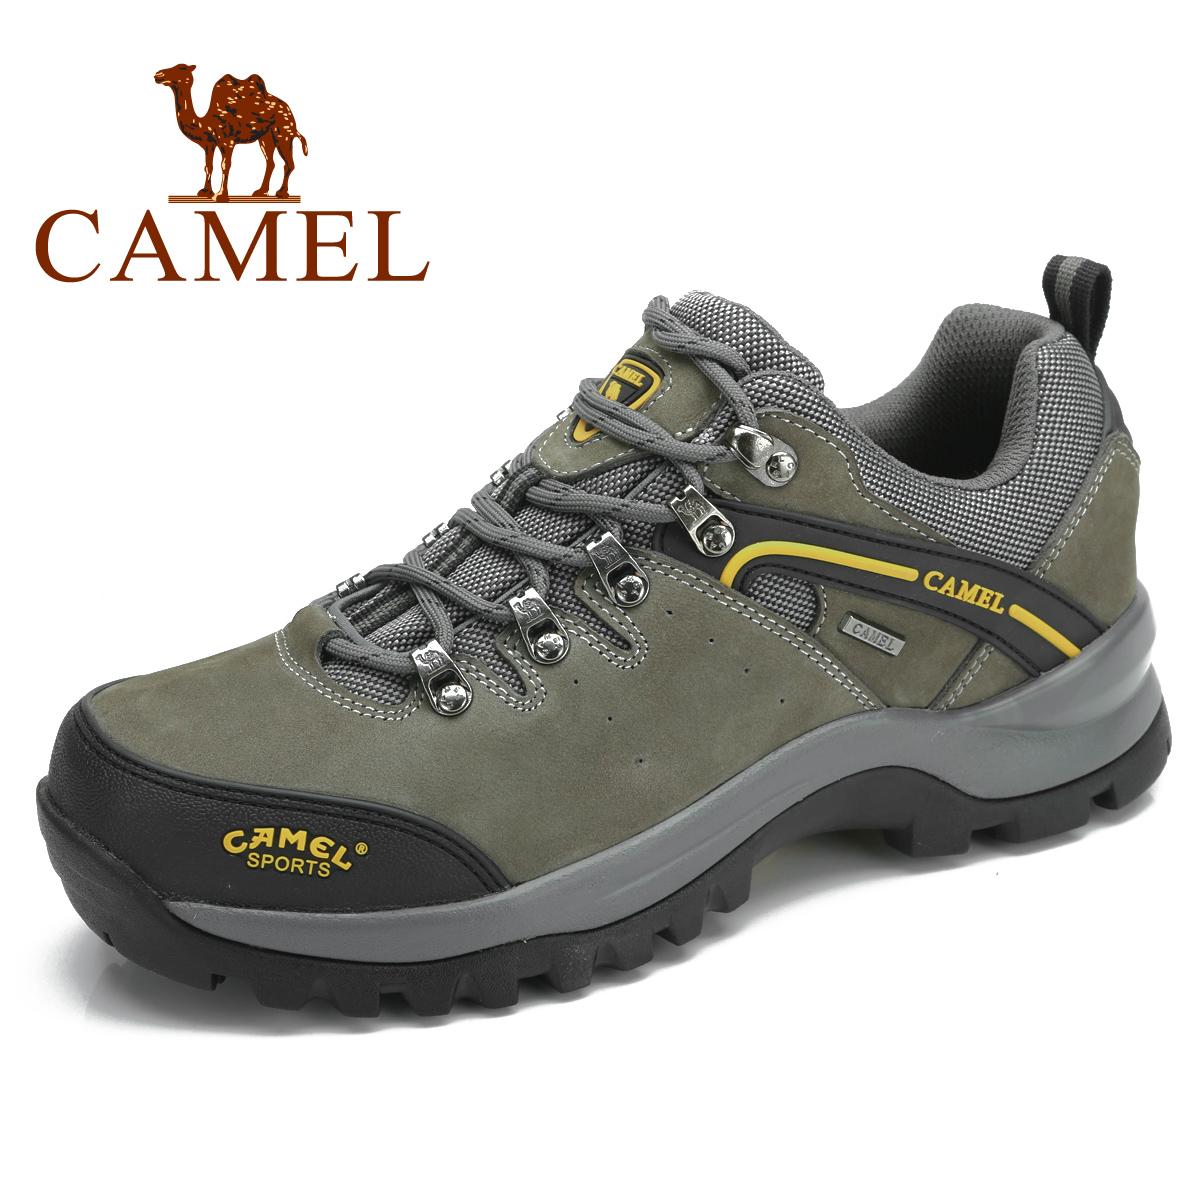 camel 骆驼登山鞋 户外男鞋登山鞋 头层牛皮 徒步鞋正品